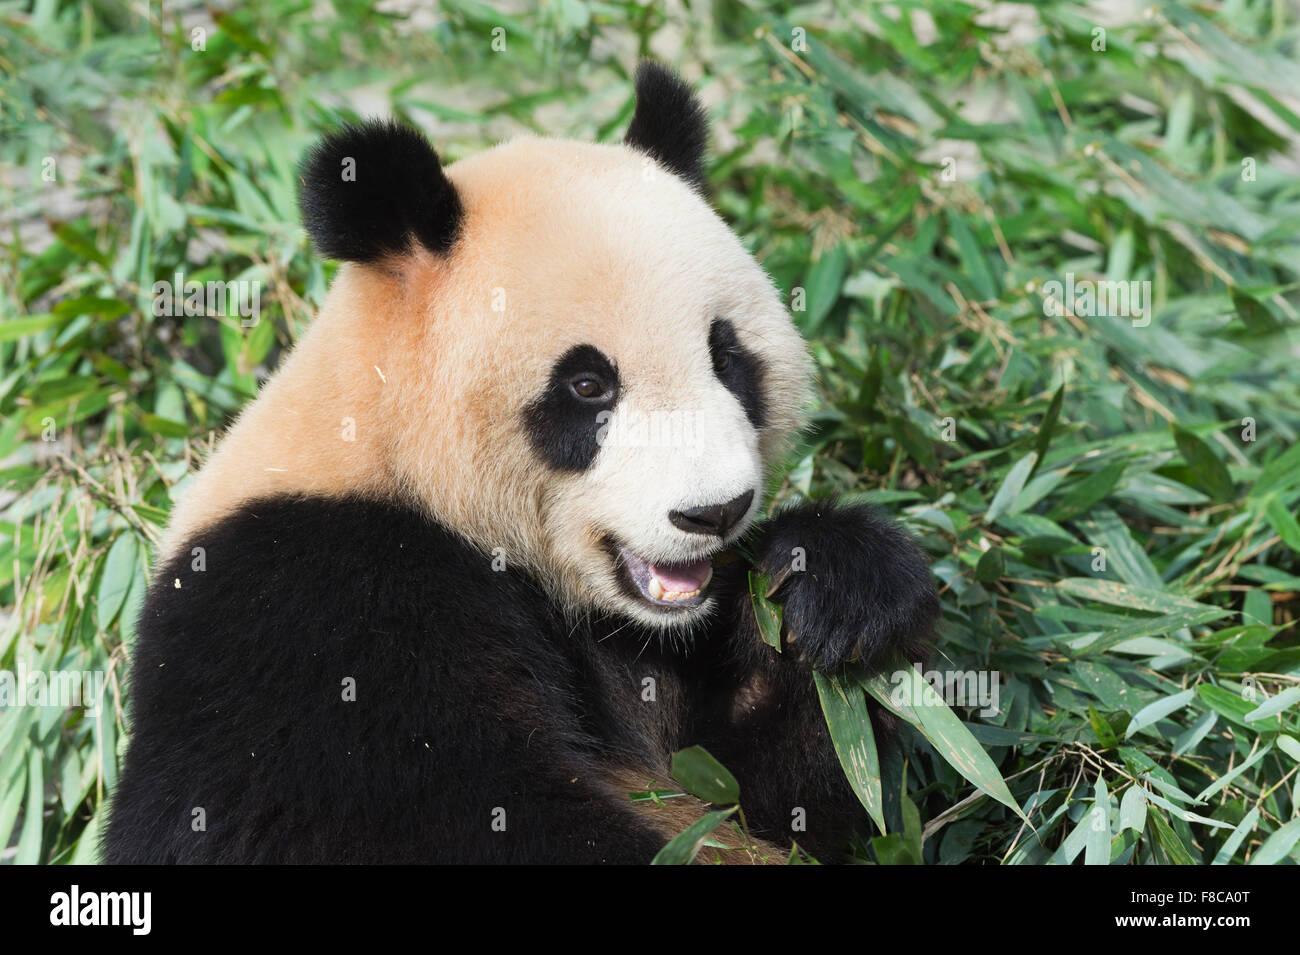 Erwachsenen Grosser Panda Ailuropoda Melanoleuca Essen Bambus